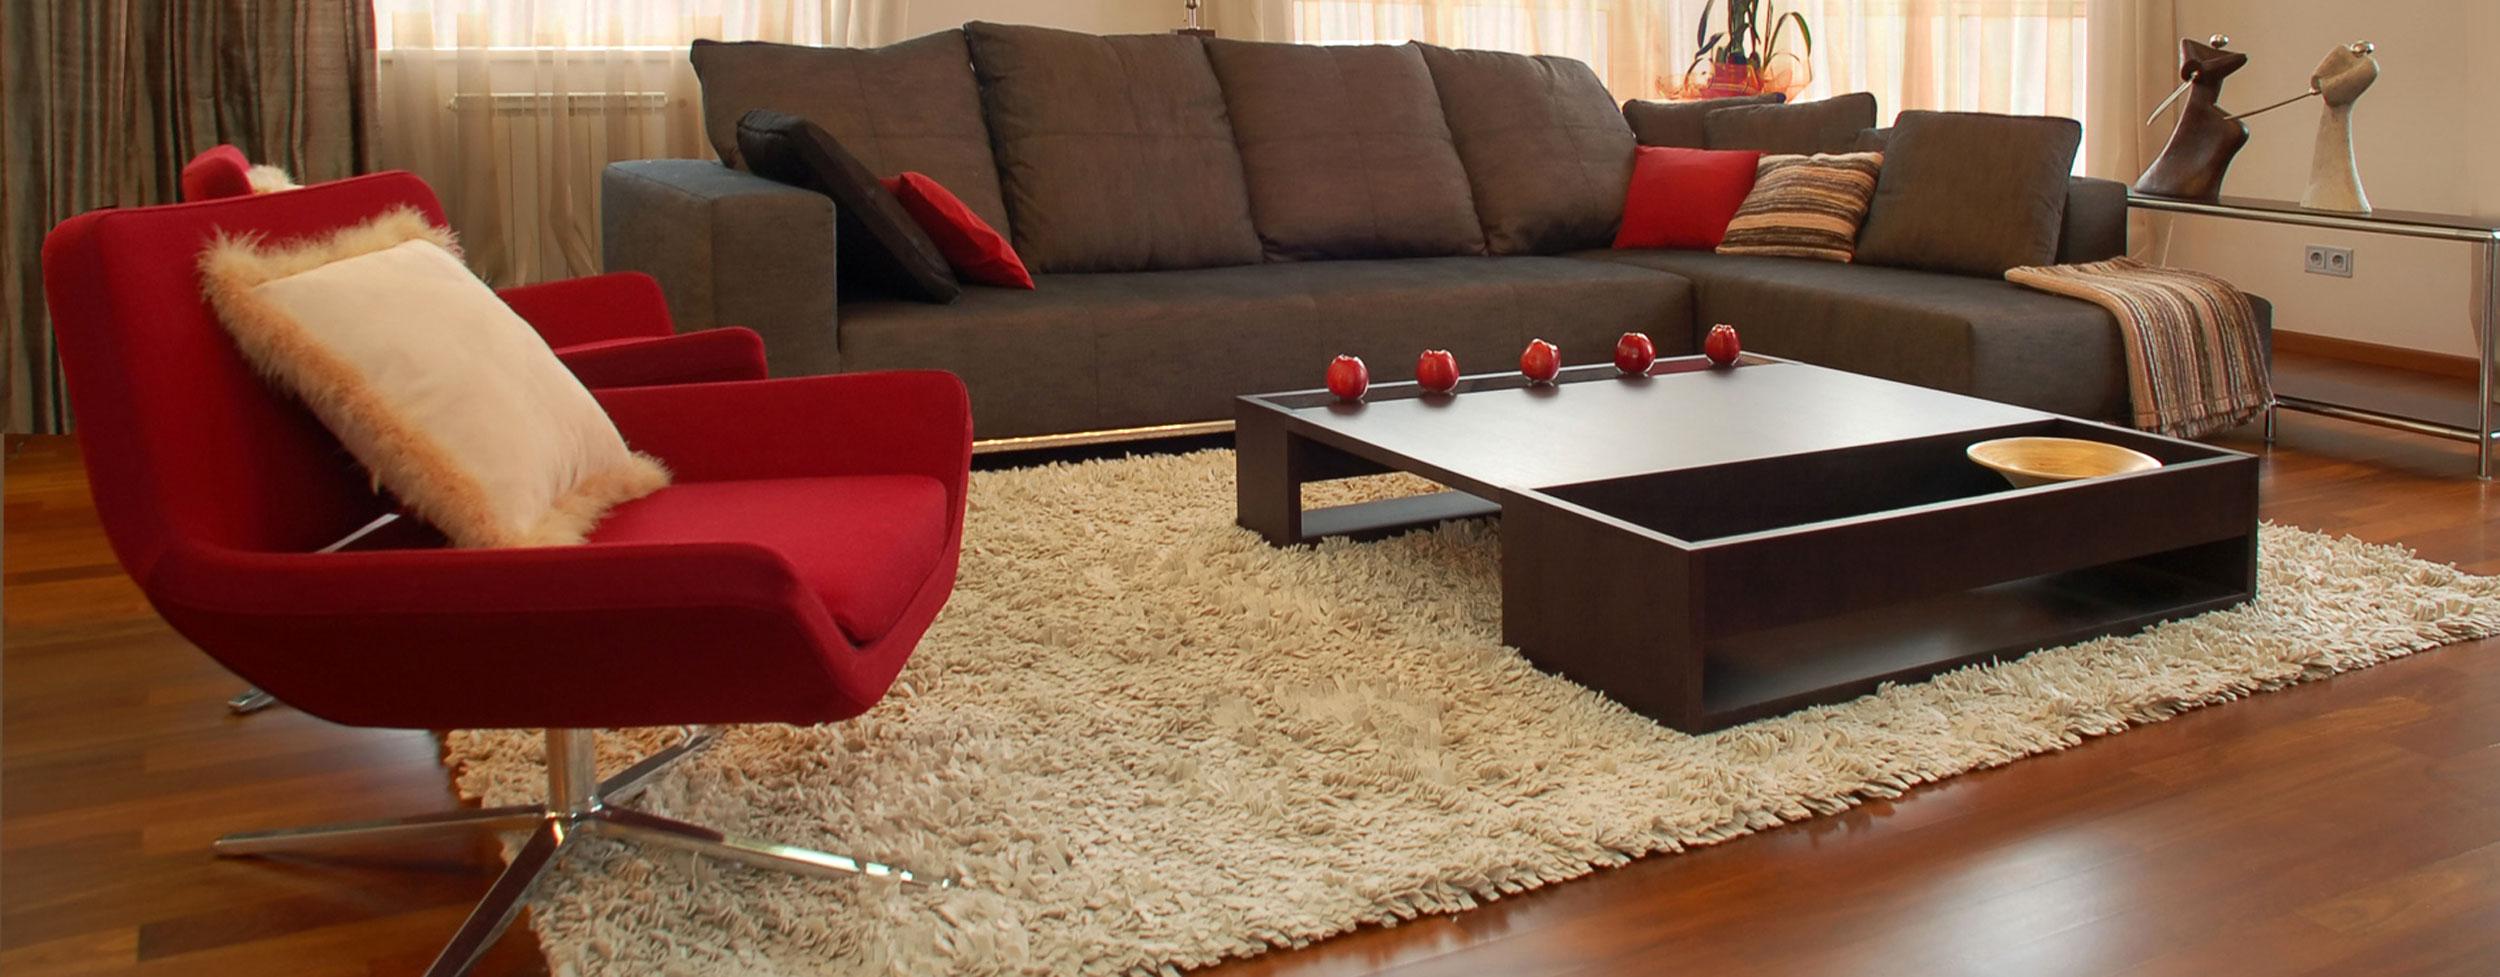 los muebles usados otra opci n para decorar su casa el